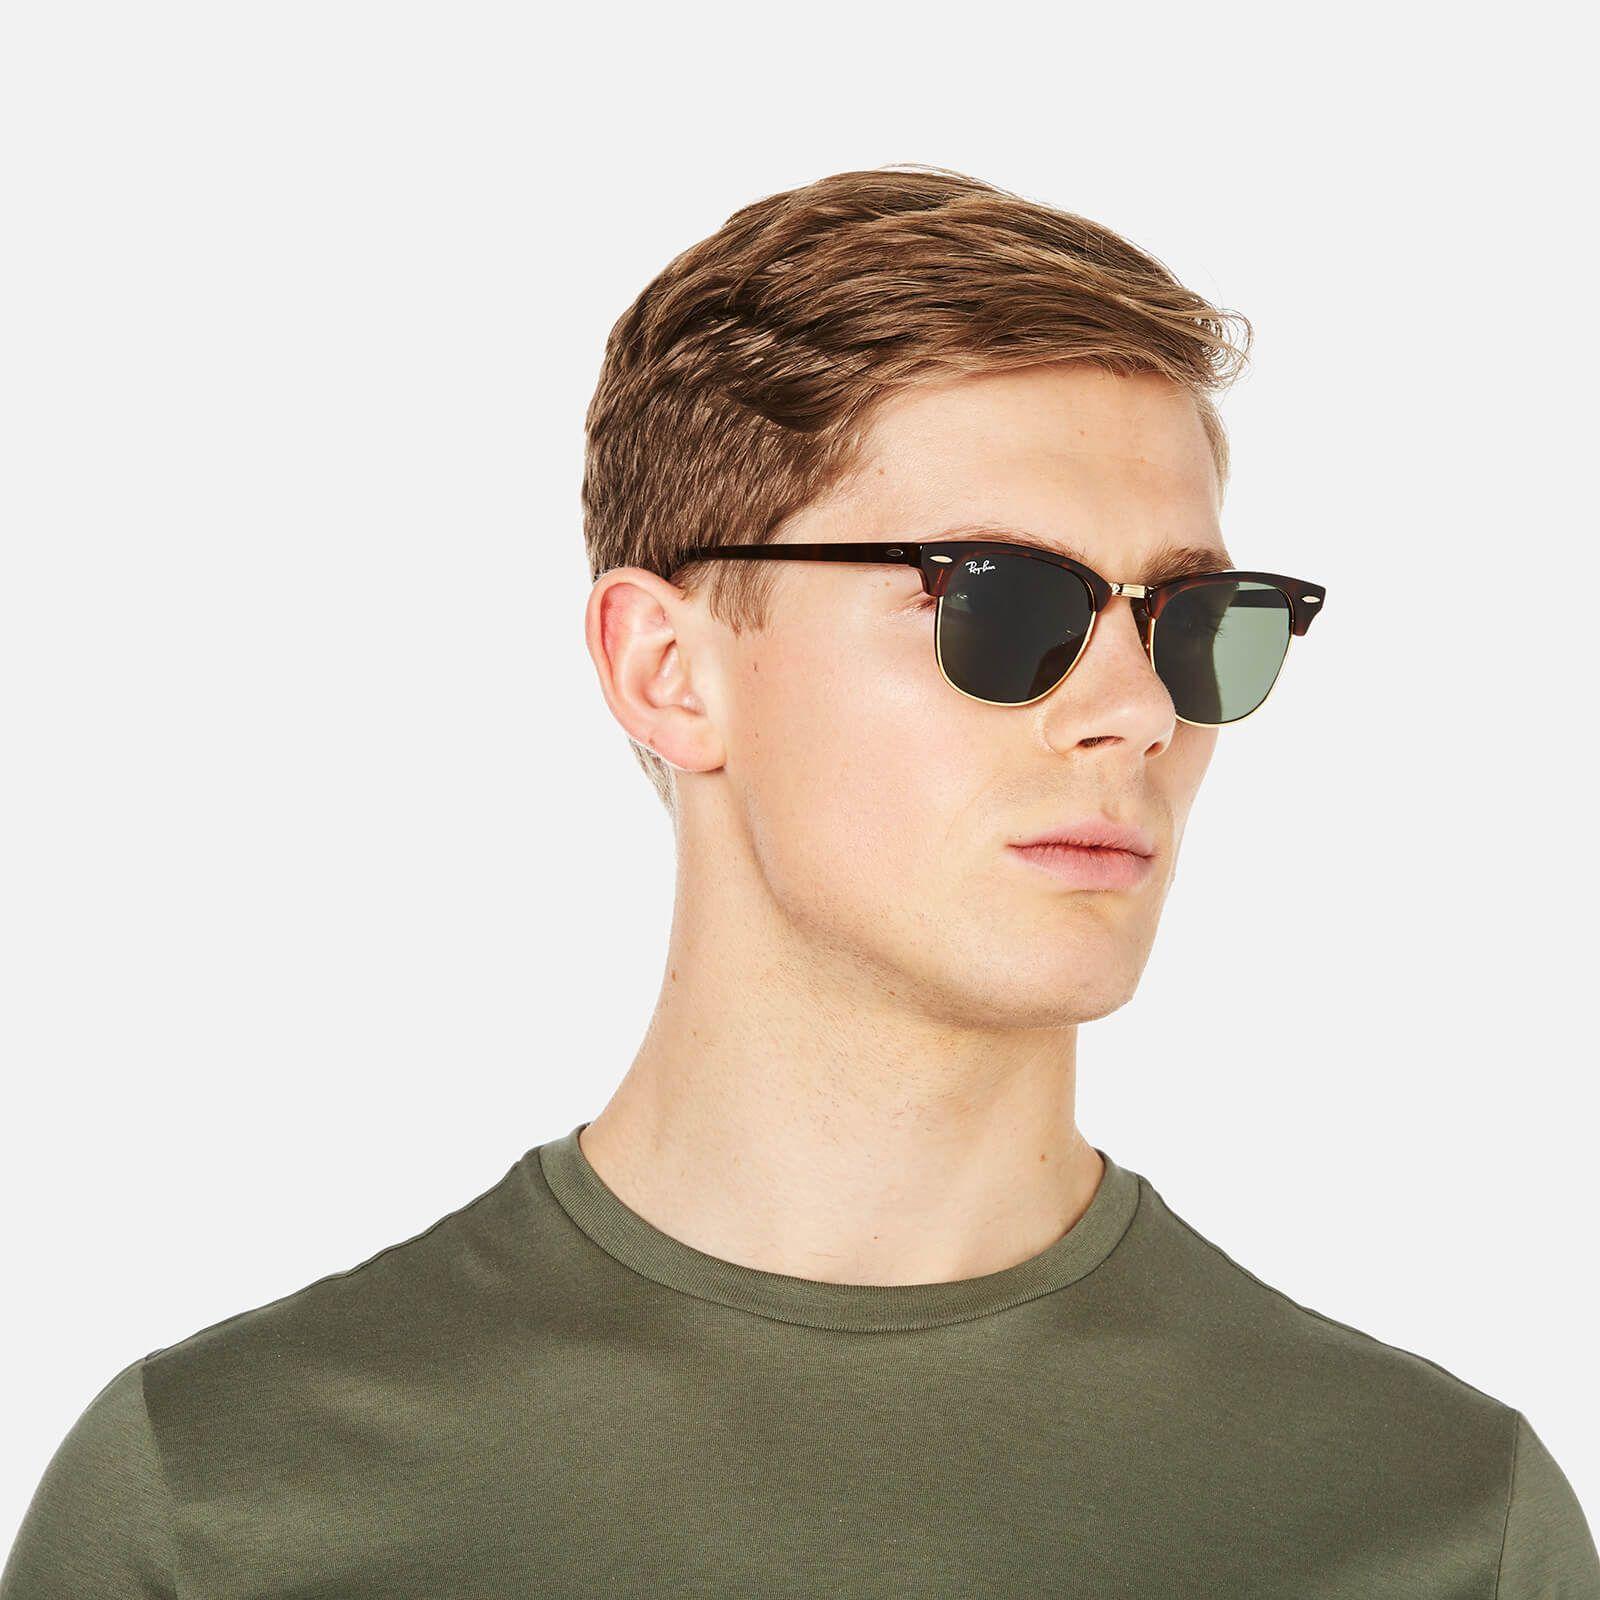 Τετράγωνα κλασικά γυαλιά ηλίου Ray Ban RB3016 Clubmaster W0366 σε καφέ ταρταρούγα, με χρυσές λεπτομέρειες και σκούρους πράσινους κρυστάλλουςγια όλα τα πρόσωπα.